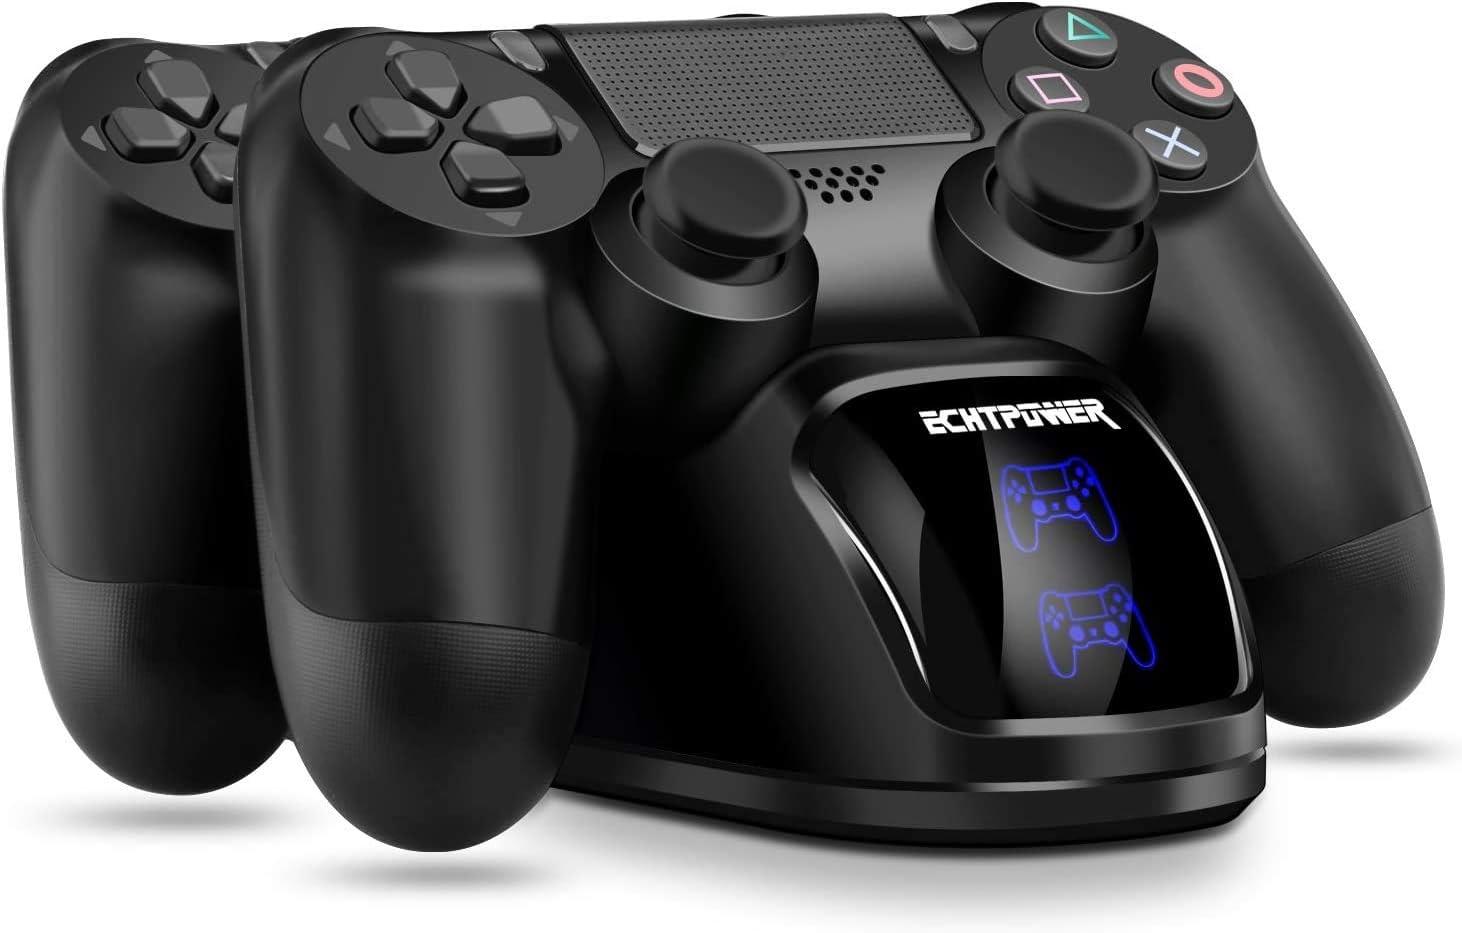 Cargador PS4 ECHTPower DualShock 4 Estación de Carga Soporte de Energía para Sony Playstation PS4 / Slim/Pro Controlador Inalámbrico con Cable de Carga y Elegantes LED (Azul&Naranja LED)